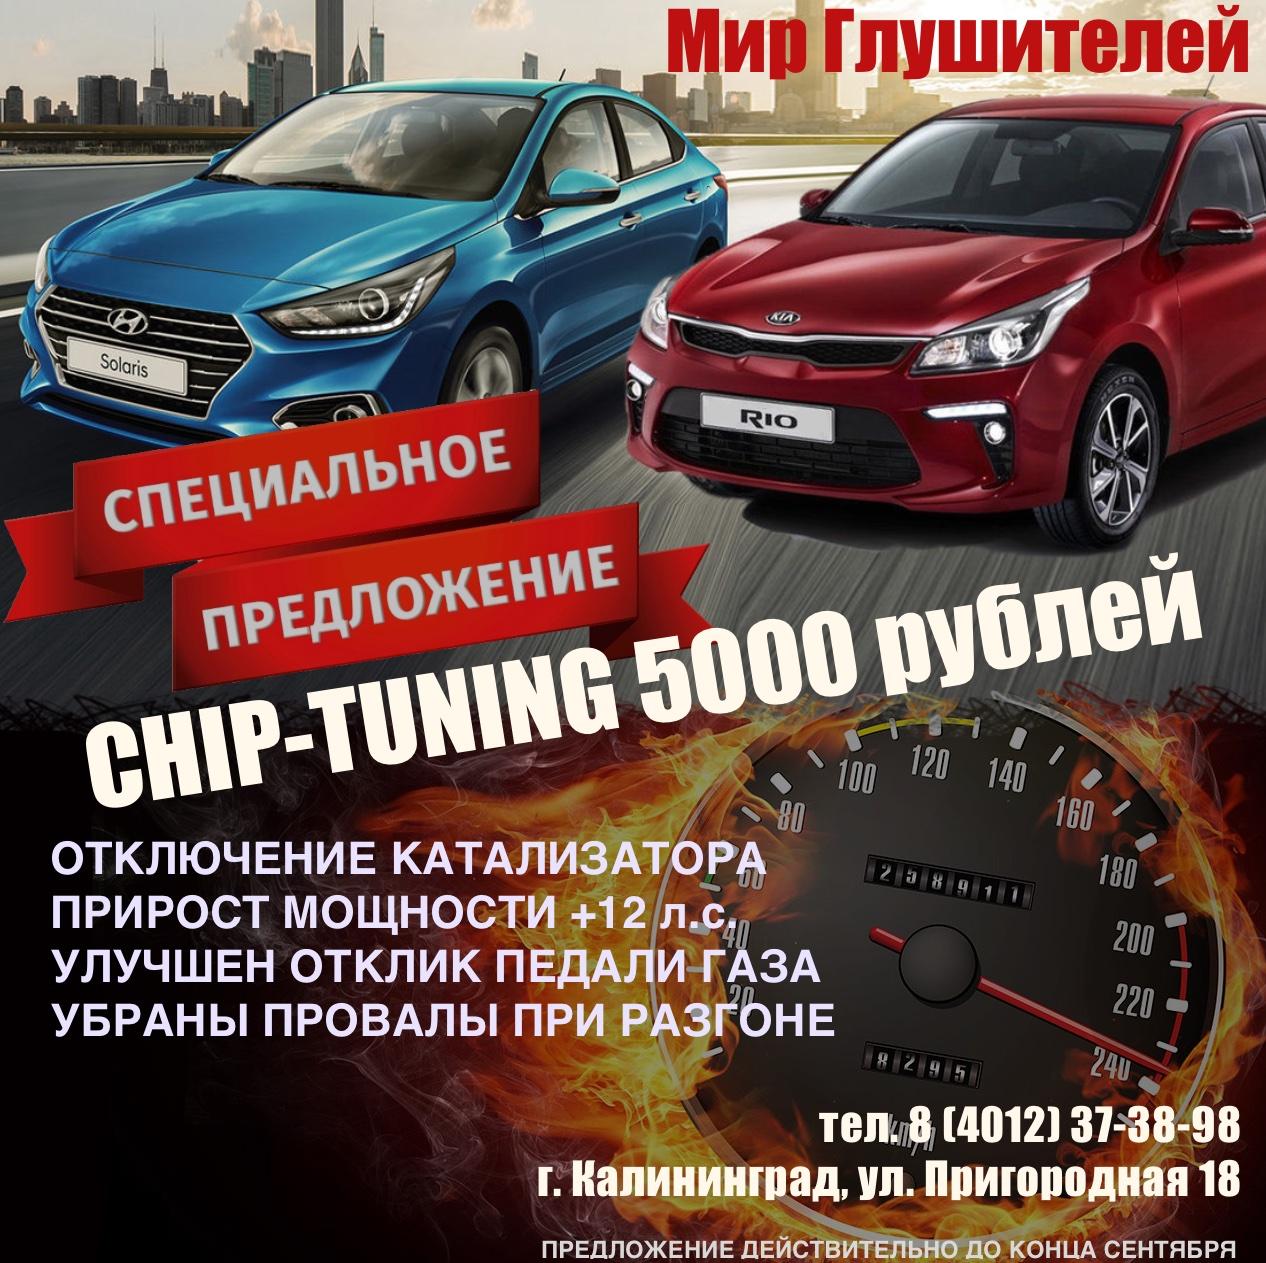 СПЕЦИАЛЬНОЕ ПРЕДЛОЖЕНИЕ! CHIP-TUNING — 5000 рублей